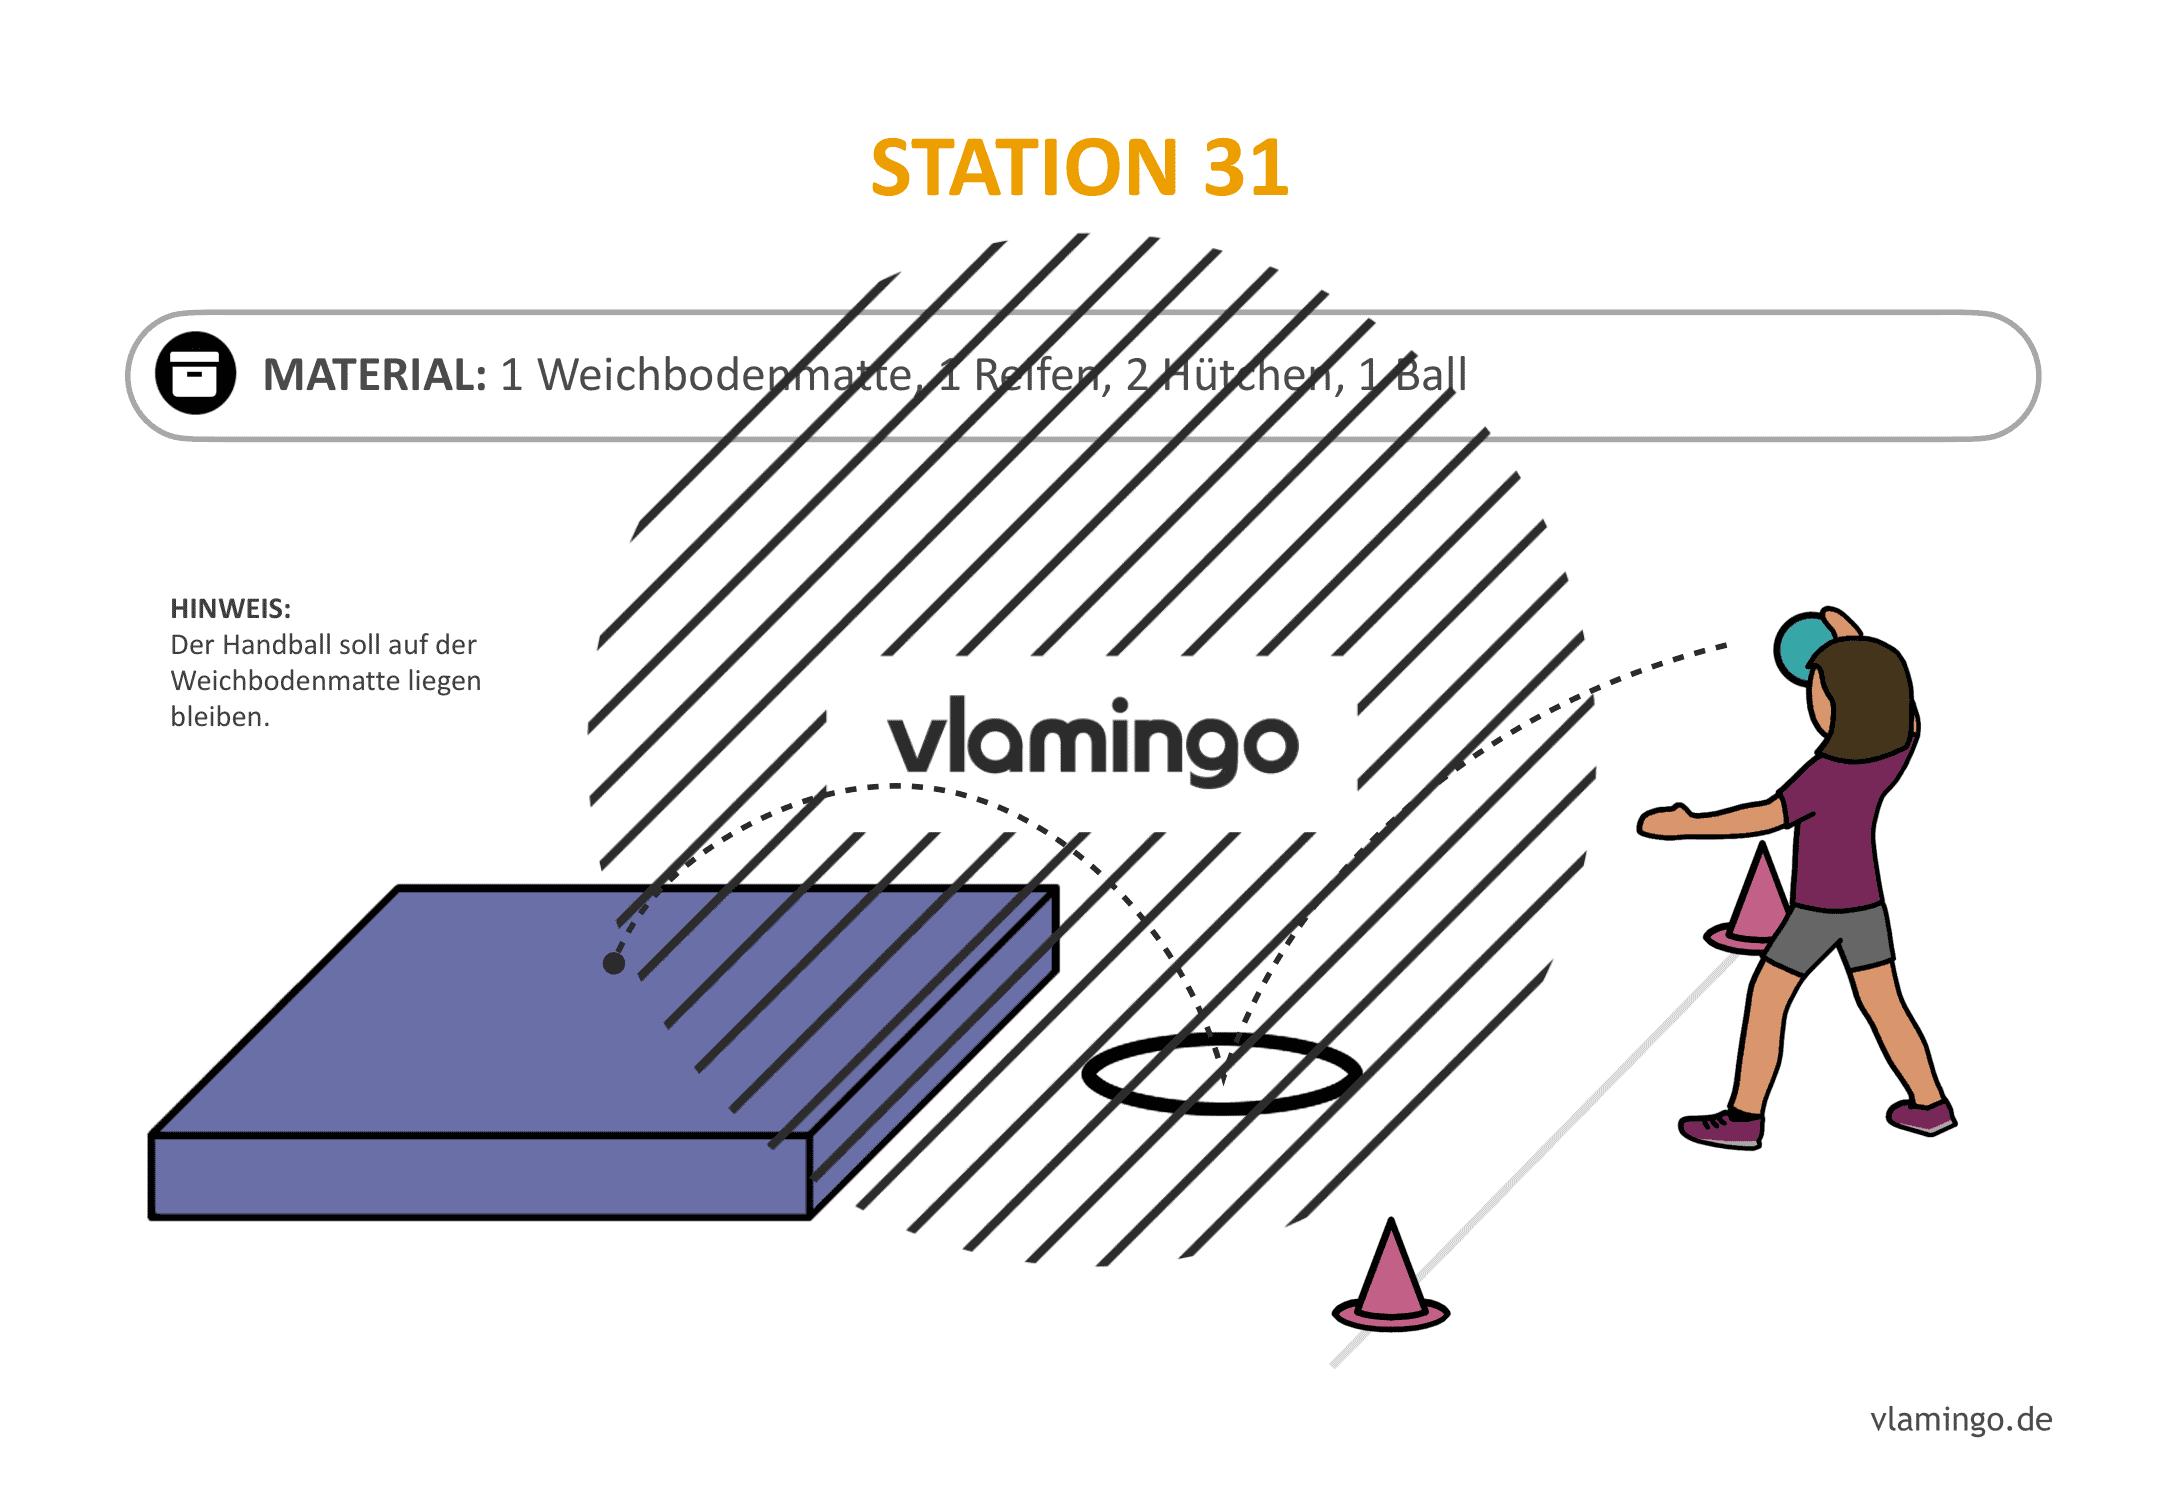 Handballgolf - Station-31